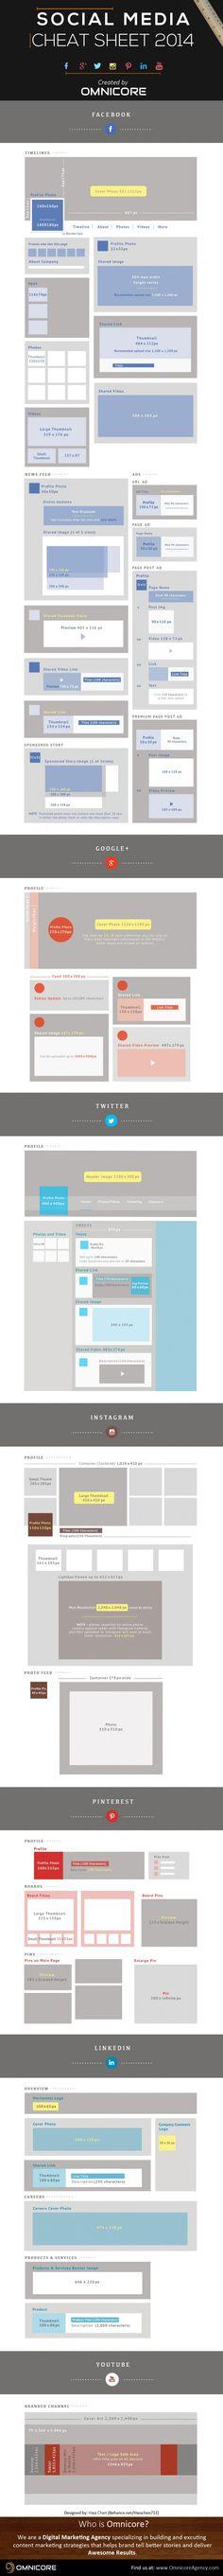 Les principales dimensions des médias sociaux en une infographie (Juin 2014) - Geeks and Com'  #socialmedia cheat sheet 2014